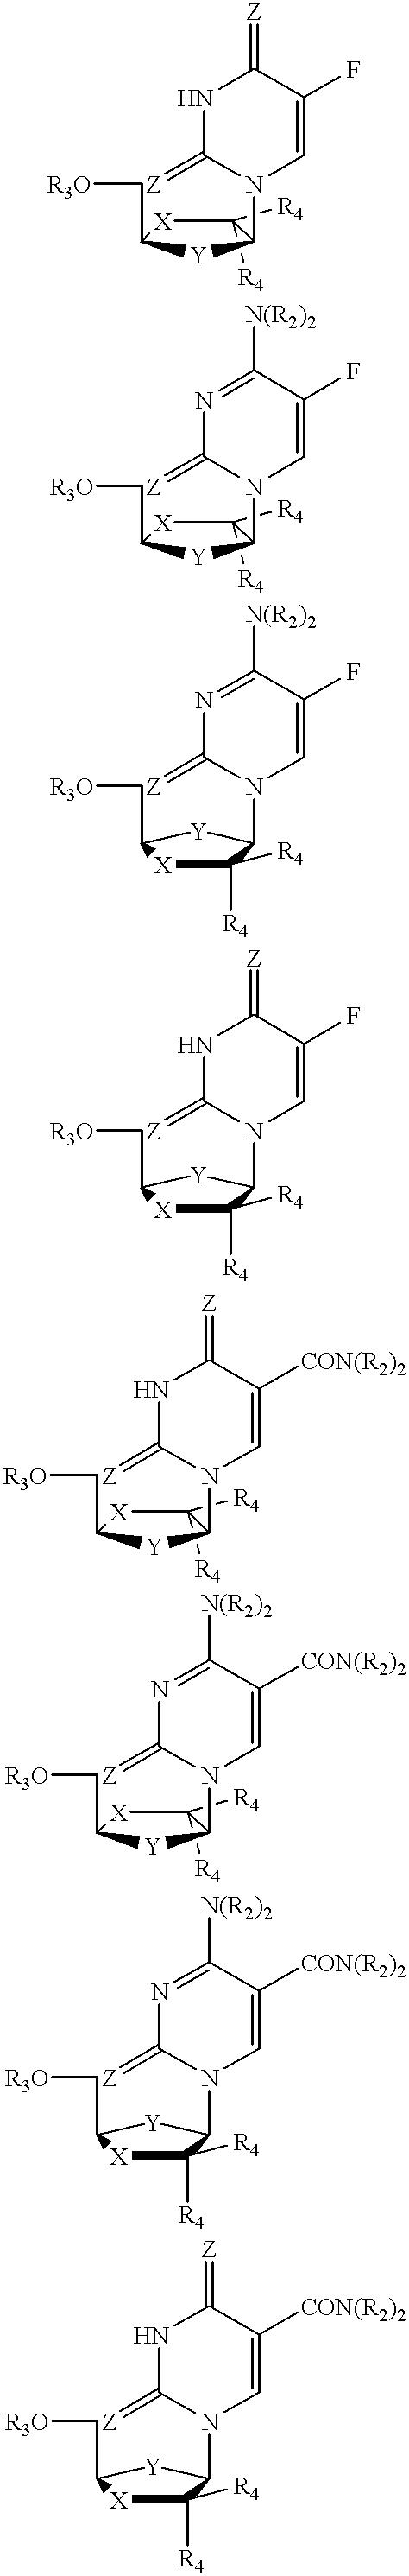 Figure US06232300-20010515-C00001